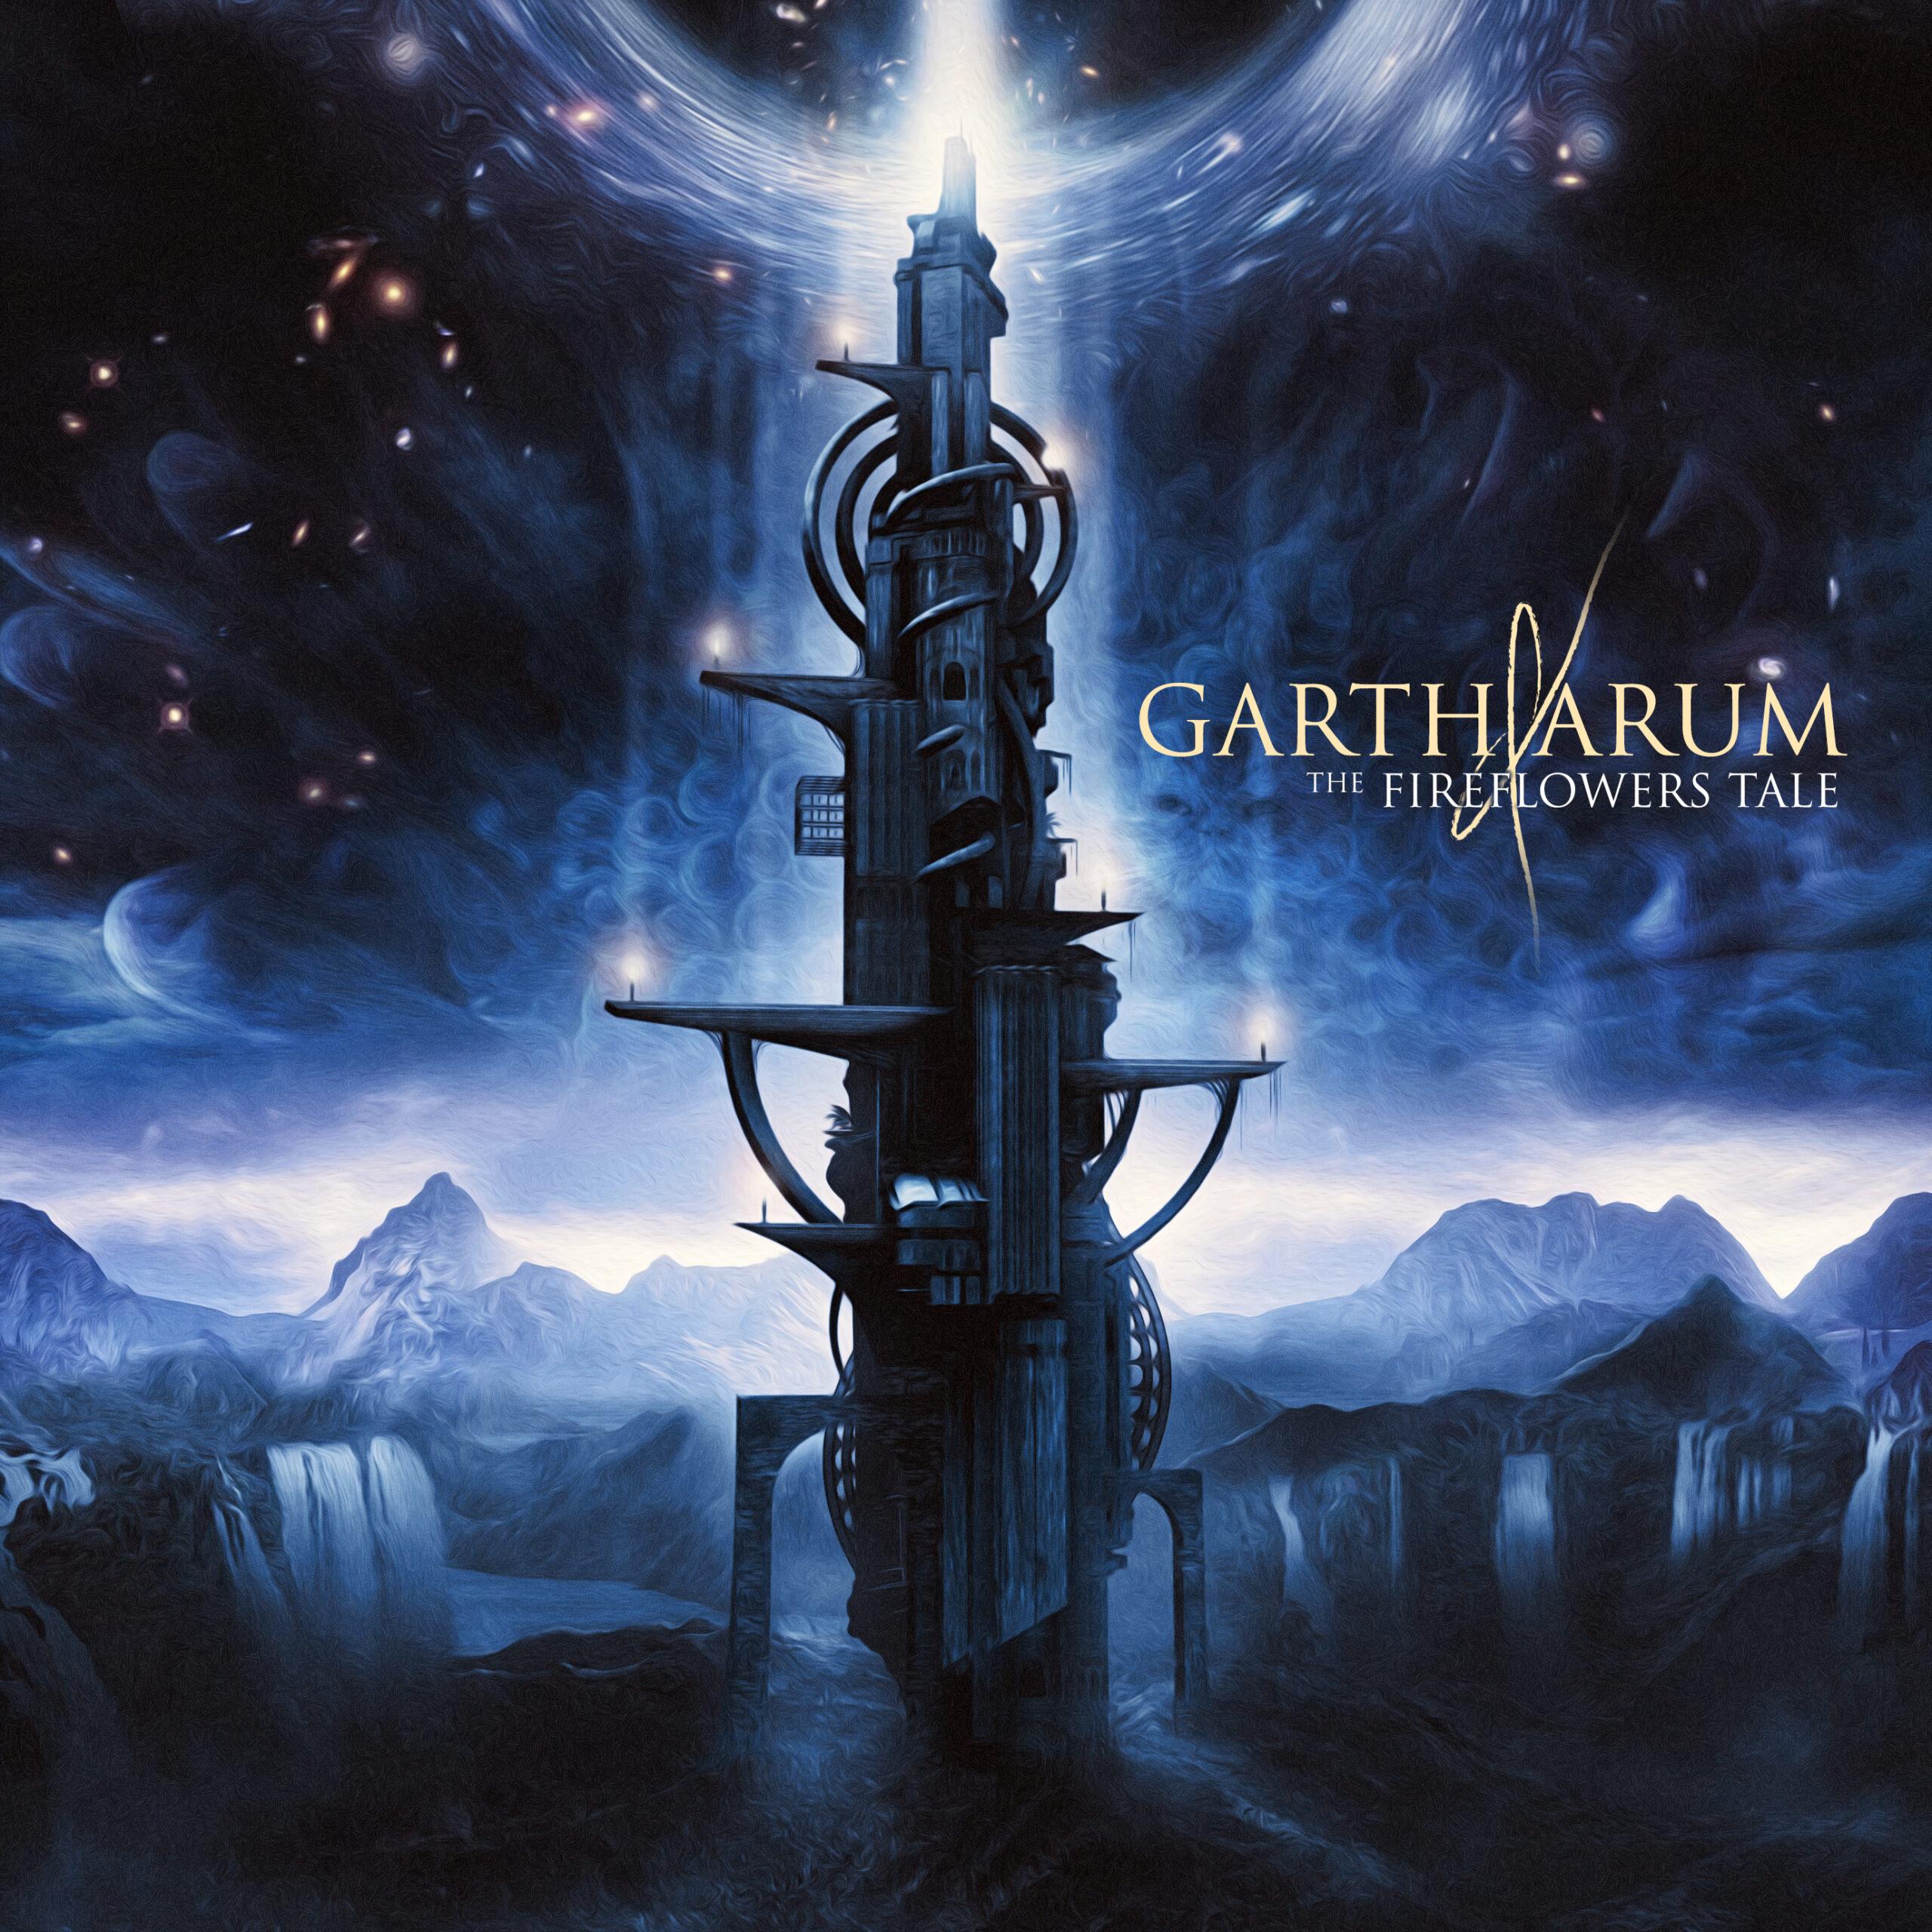 Garth Arum